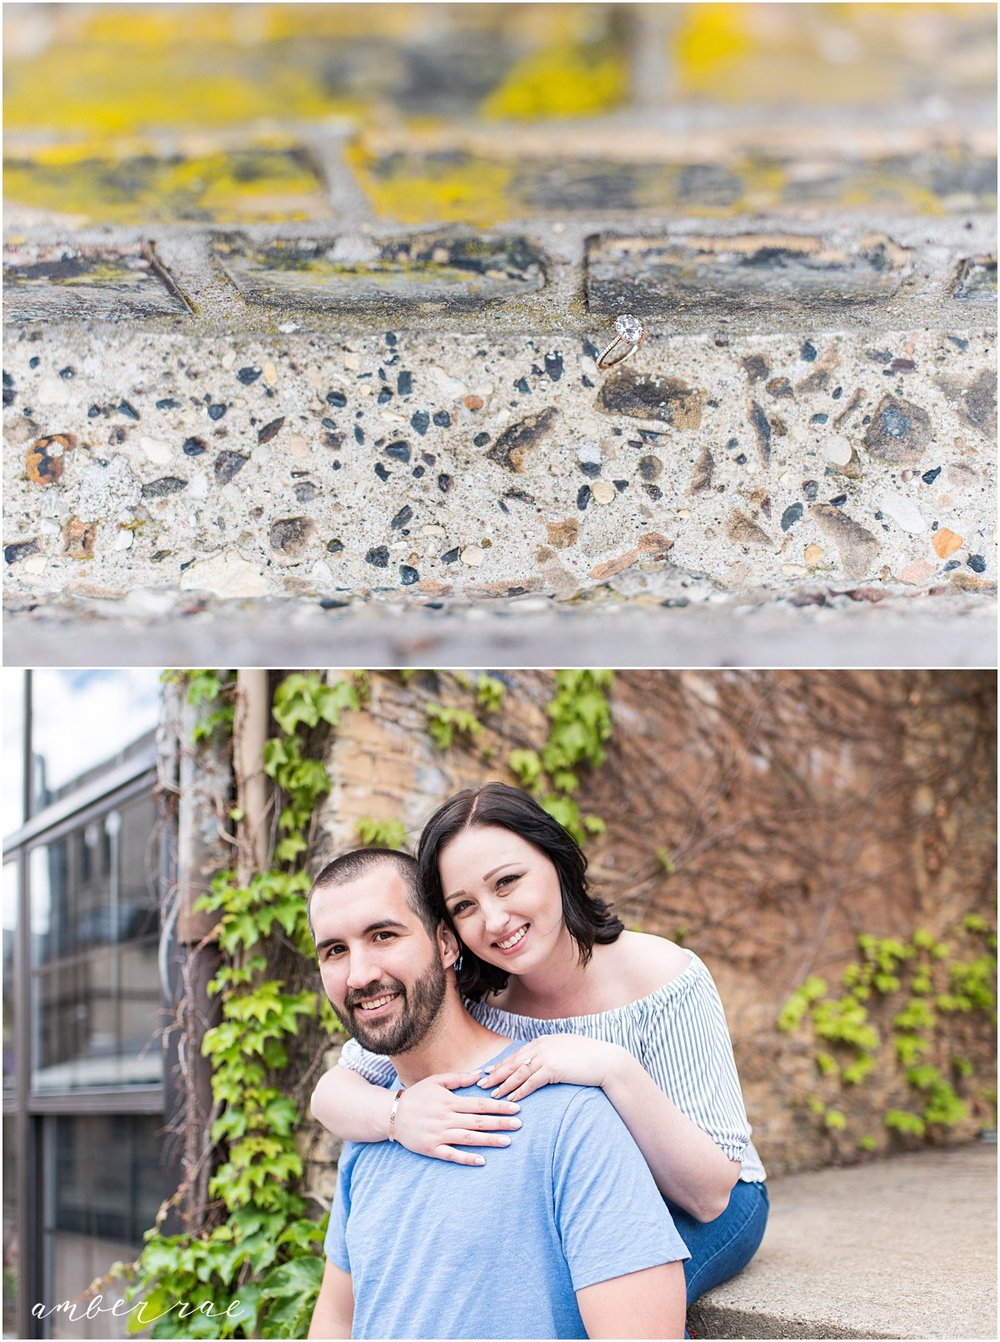 Chris + Kira, Engaged | June 2018_0015.jpg